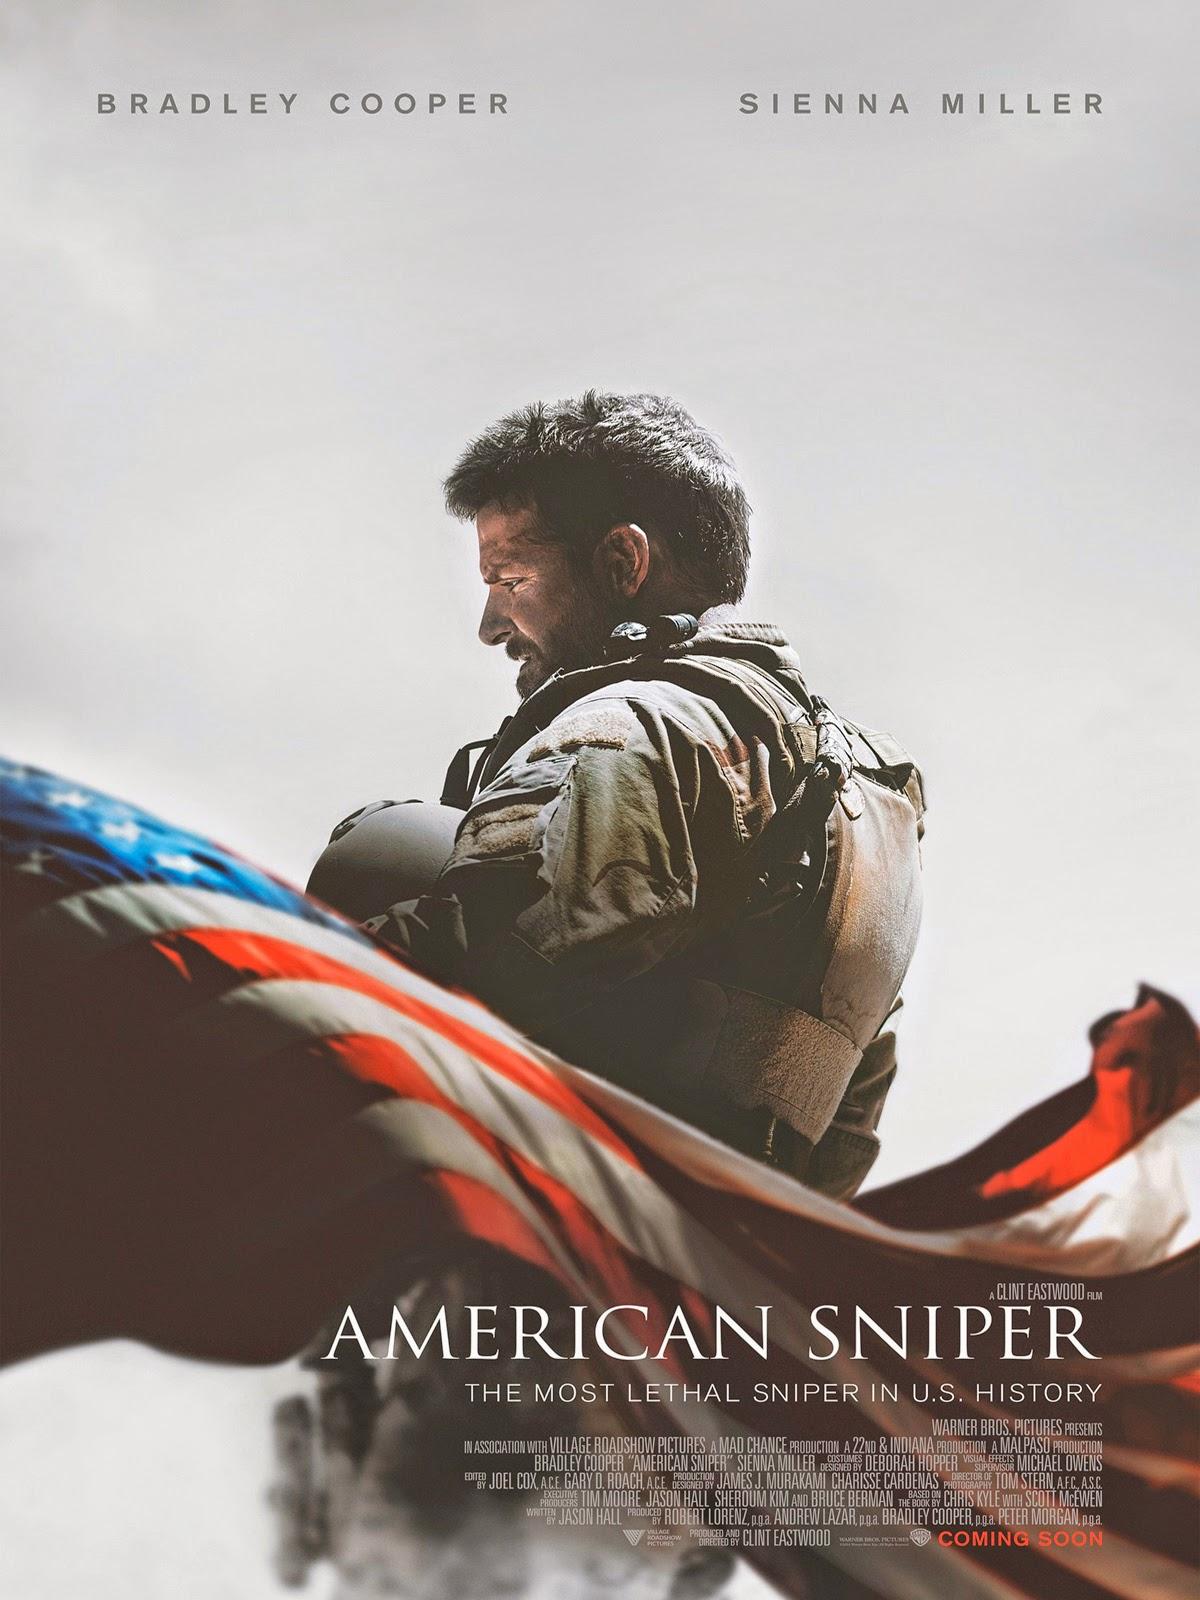 Sniper Americano - American Sniper (2014)